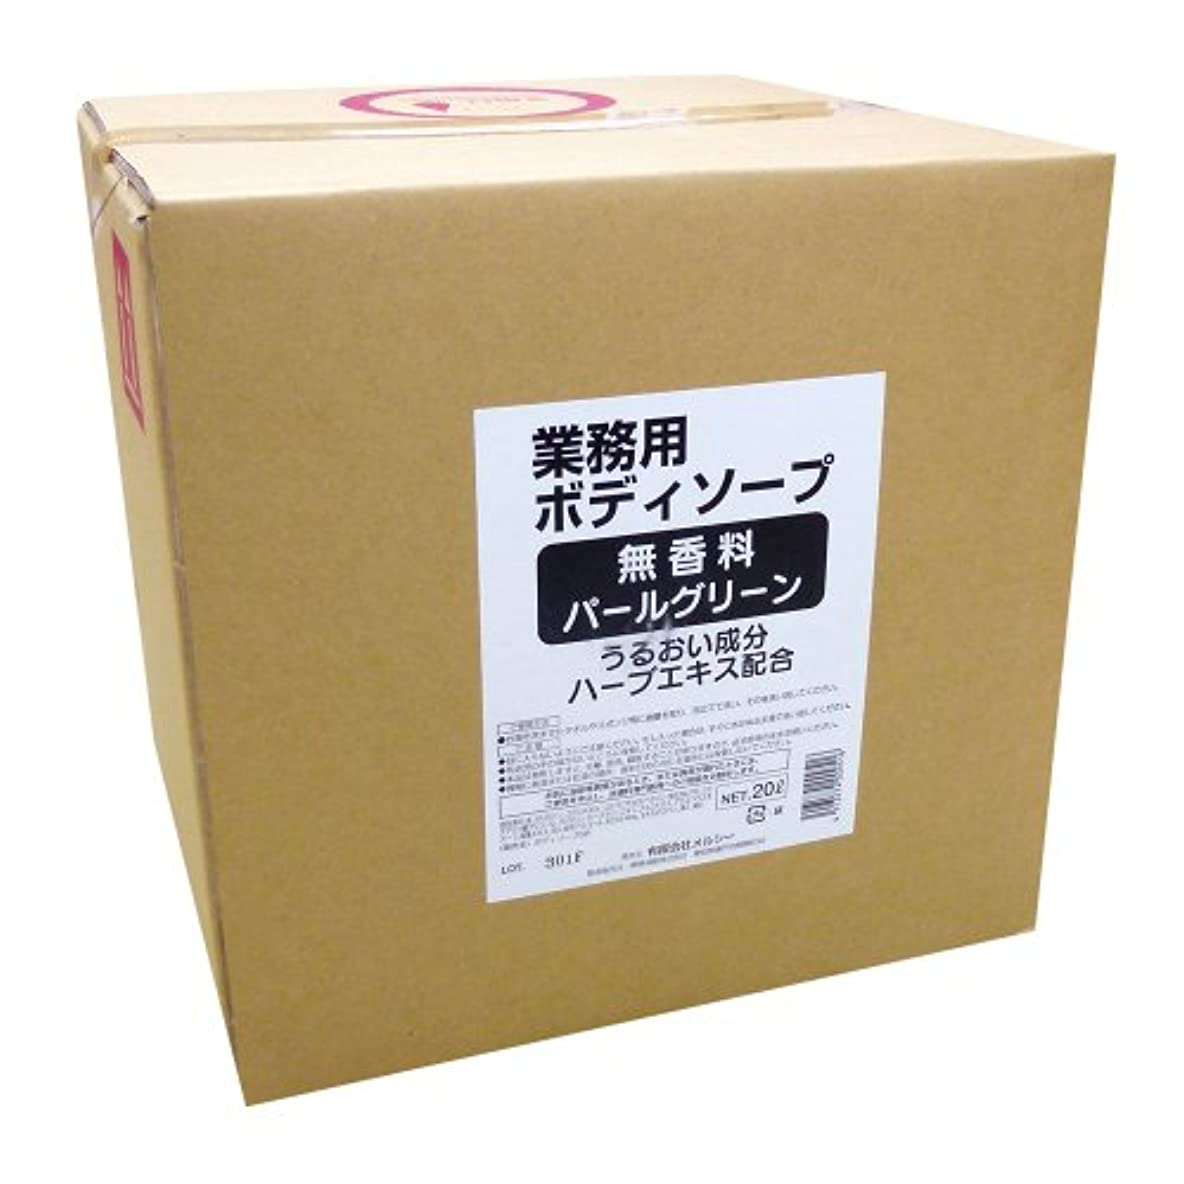 砂の追い付くペア【業務用】 無香料 ボディソープ 20L